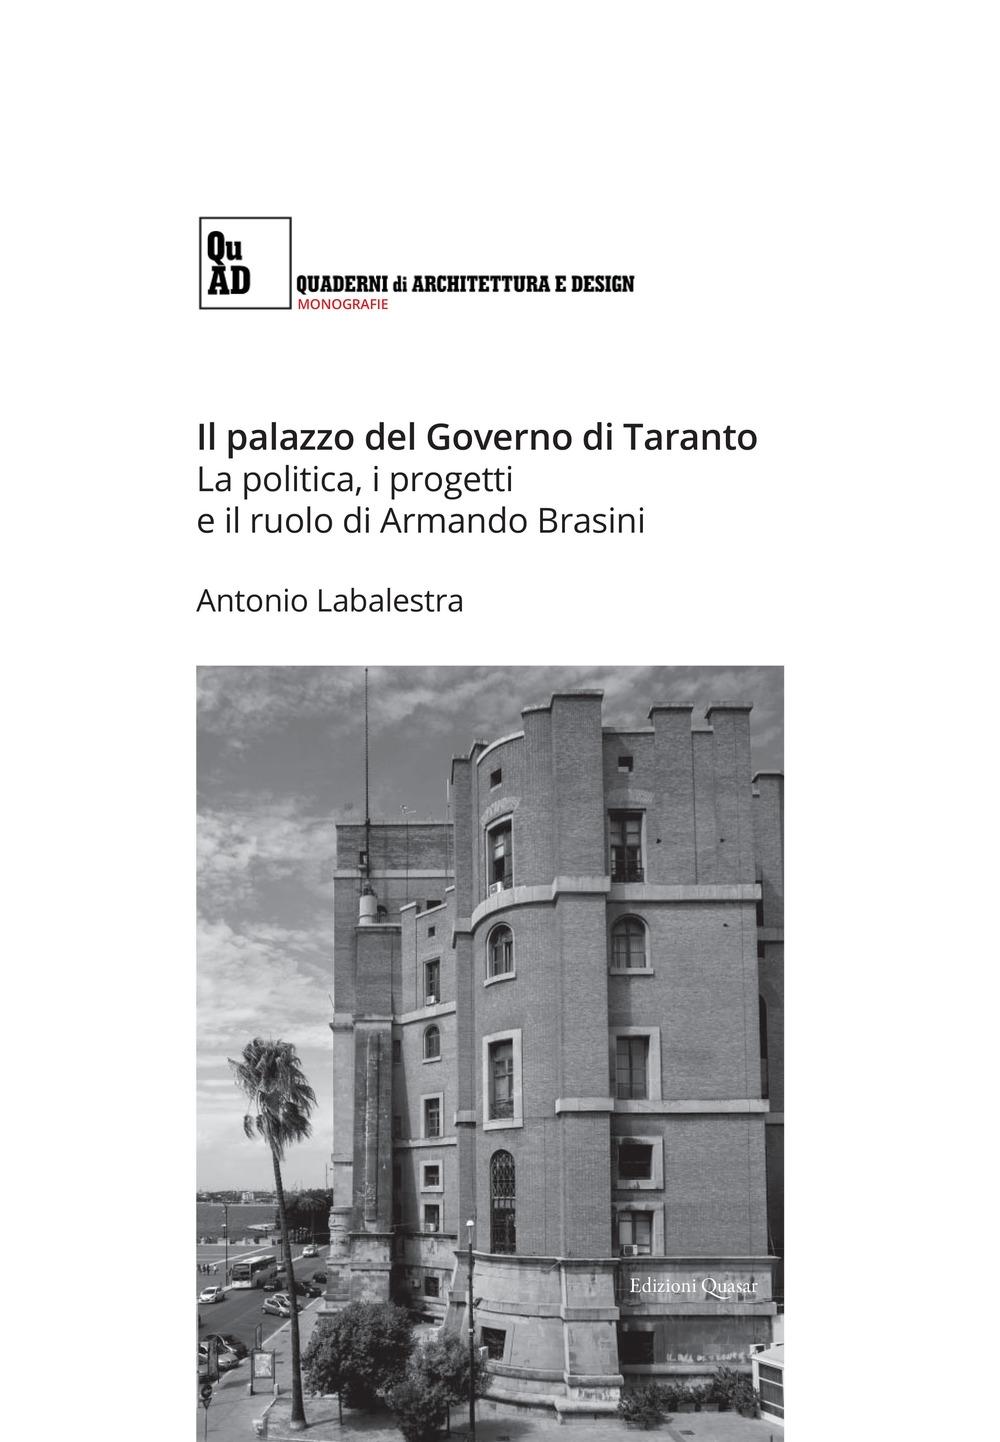 Il palazzo del Governo di Taranto. La politica, i progetti e il ruolo di Armando Brasini